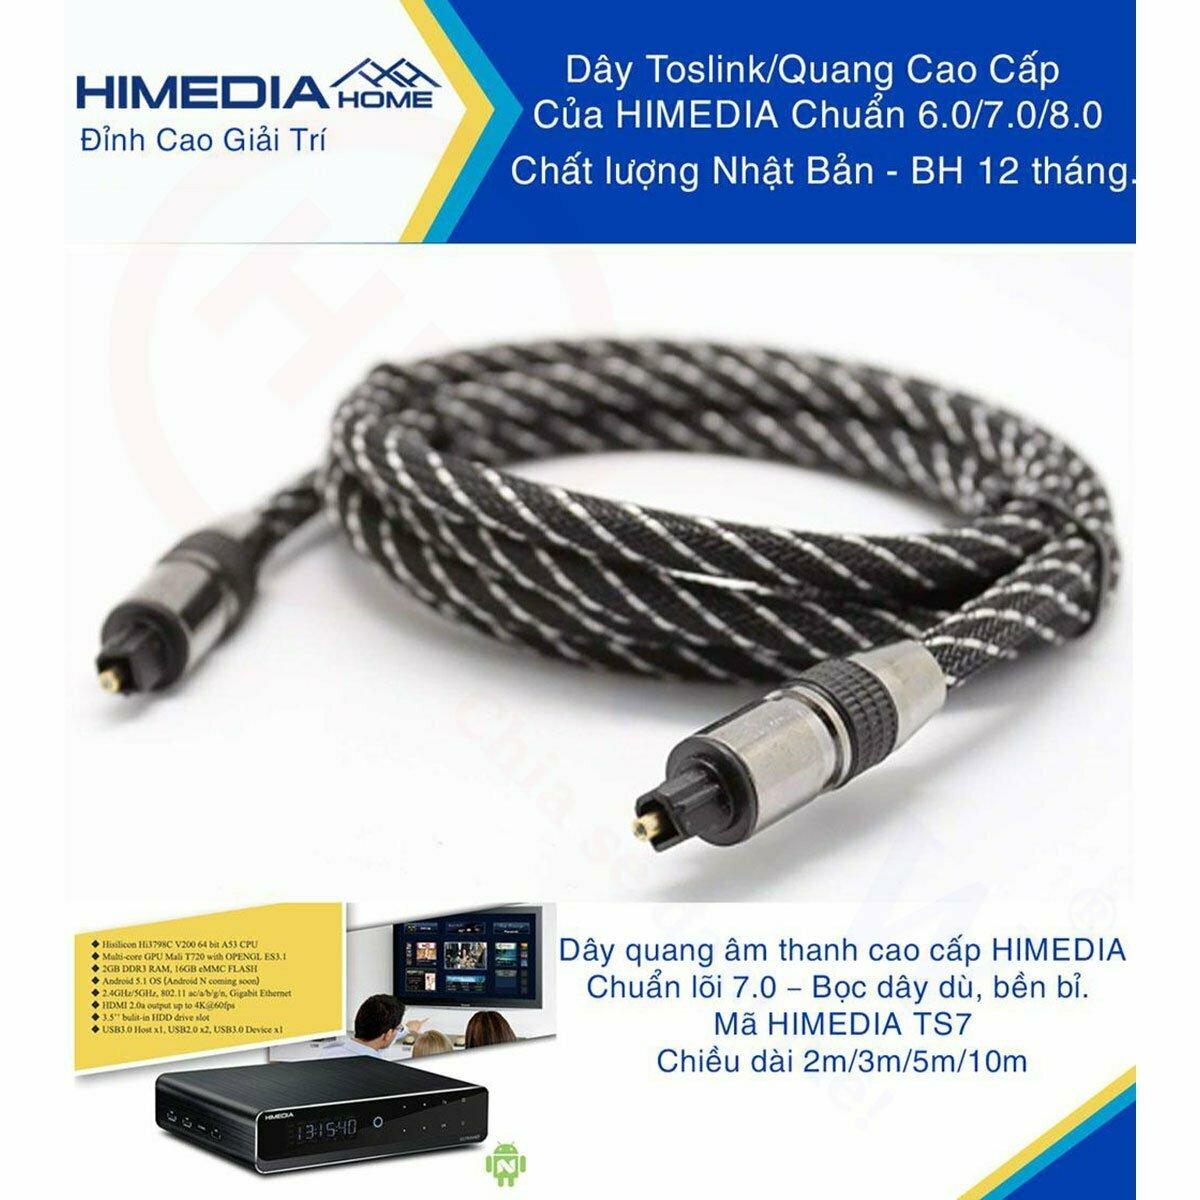 HiMedia Home TS703   Dây quang (TOSLINK) cao cấp, lõi 7.0, vỏ bọc dây dù, dài 3m, chất lượng Nhật Bản   HDnew - Chia sẻ đam mê